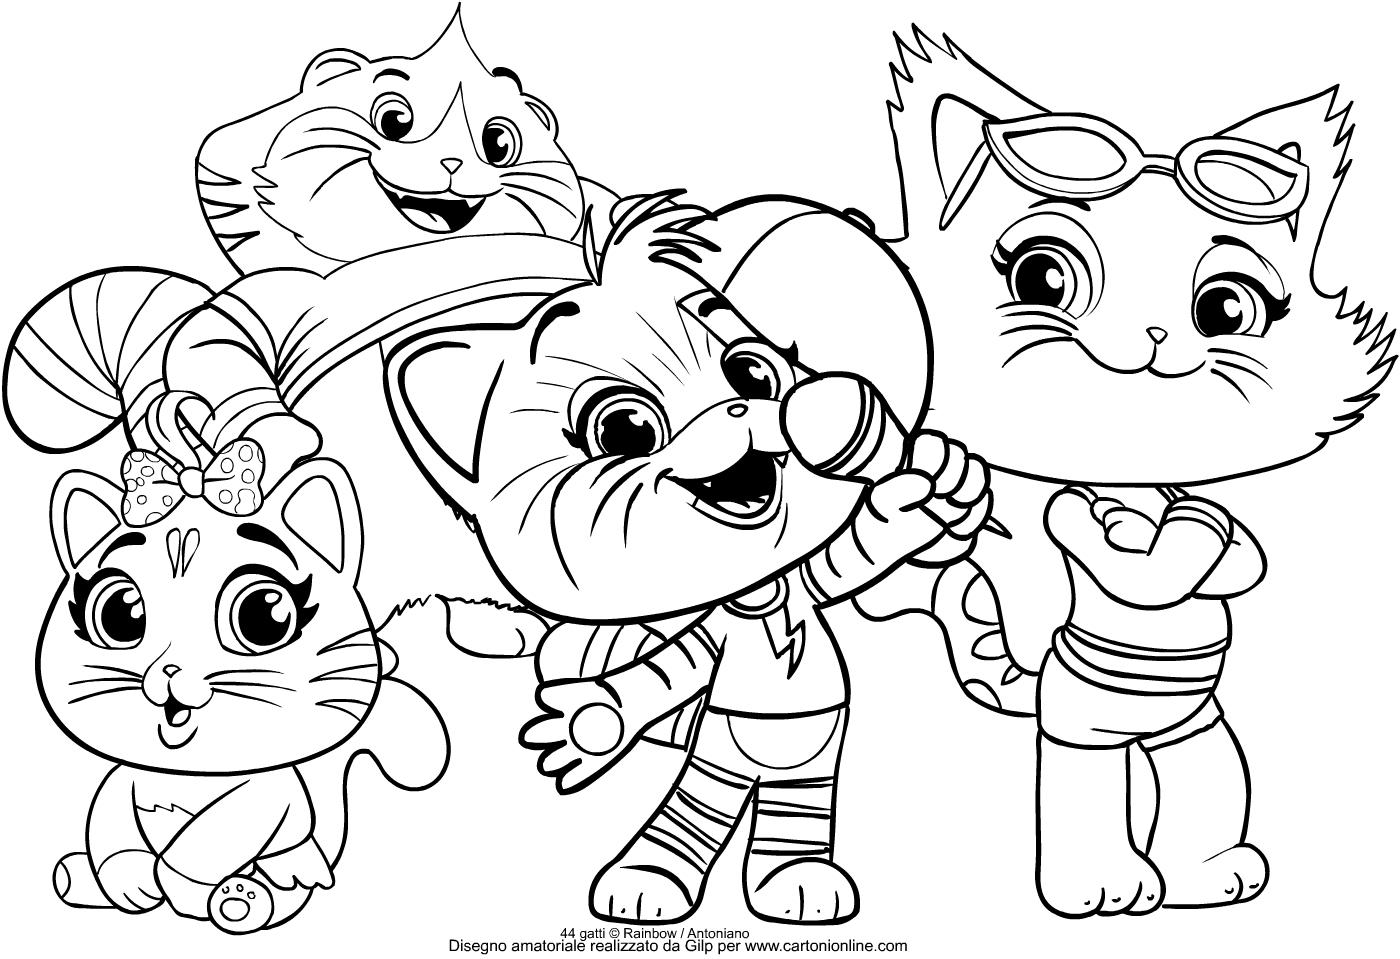 Disegno del gruppo dei buffycats dei 44 gatti da colorare for Immagini gatti da colorare